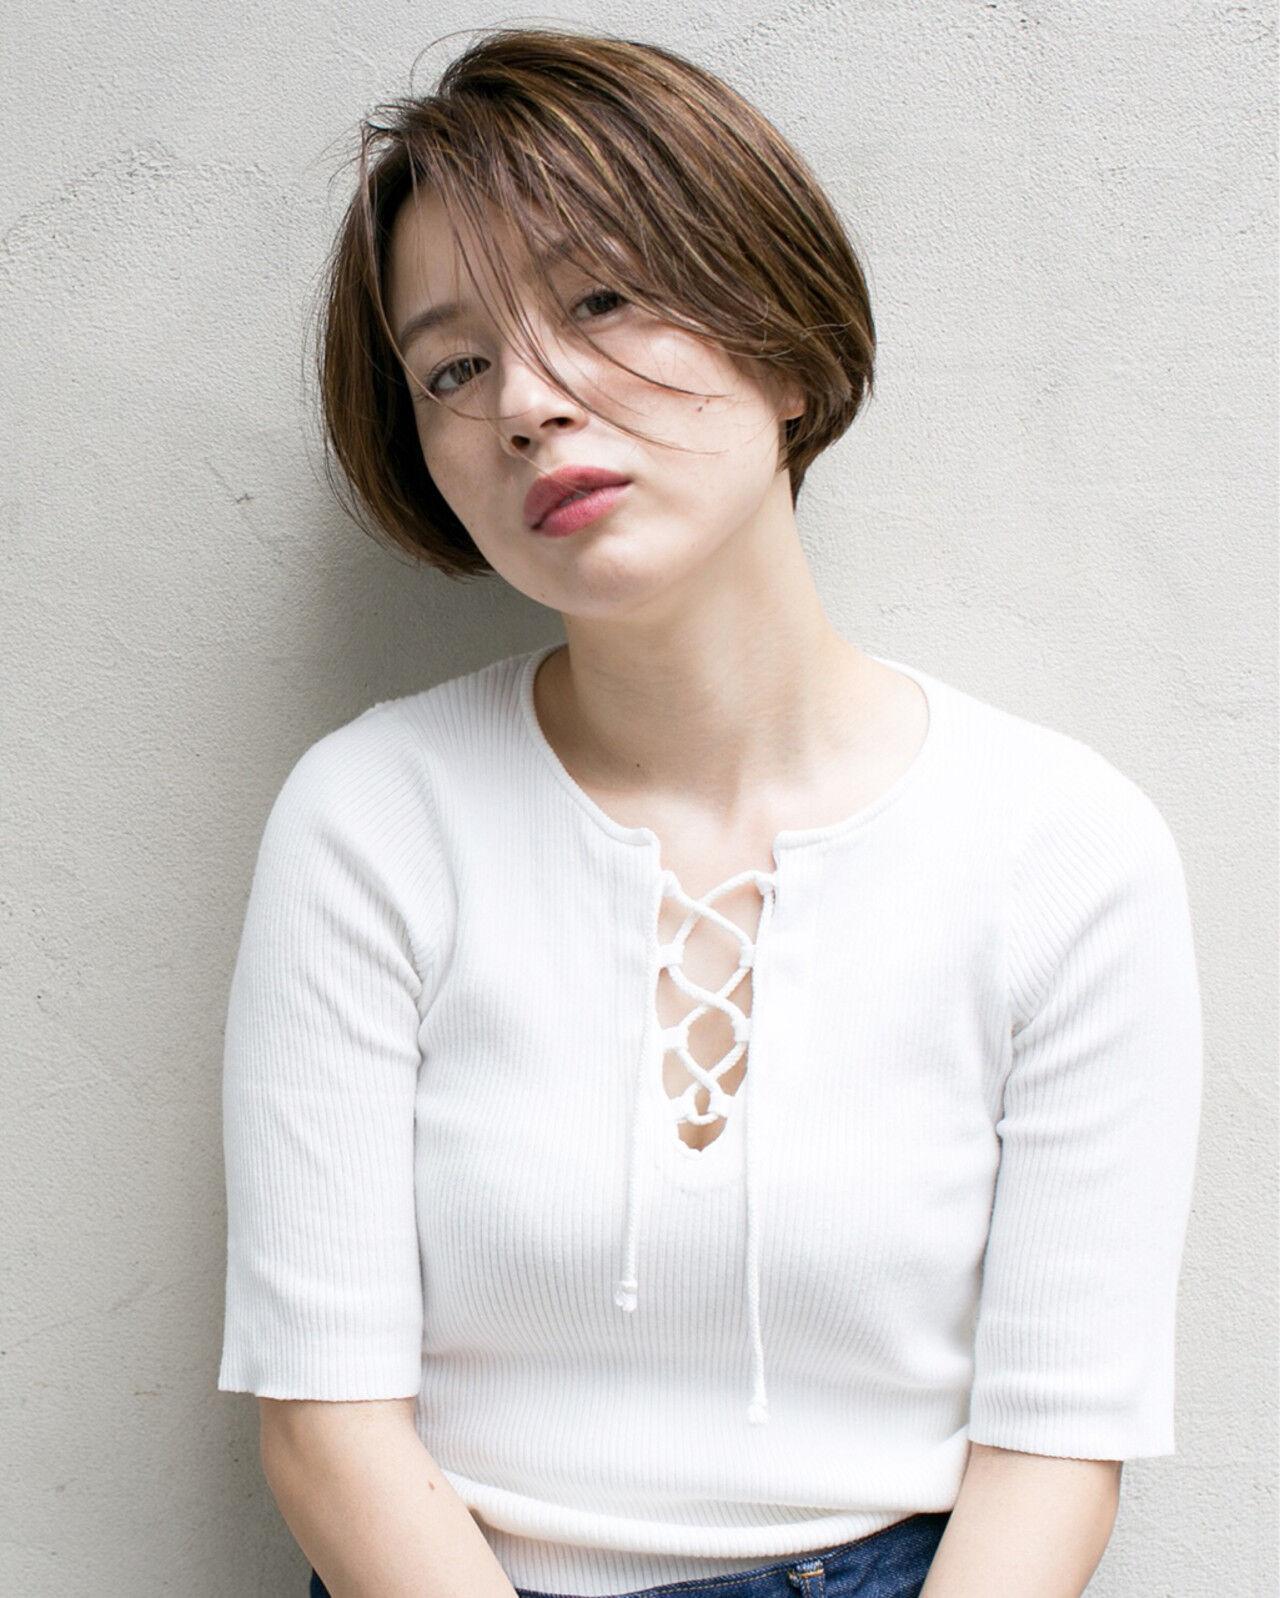 ハイライト グラデーションカラー 外国人風 大人かわいいヘアスタイルや髪型の写真・画像